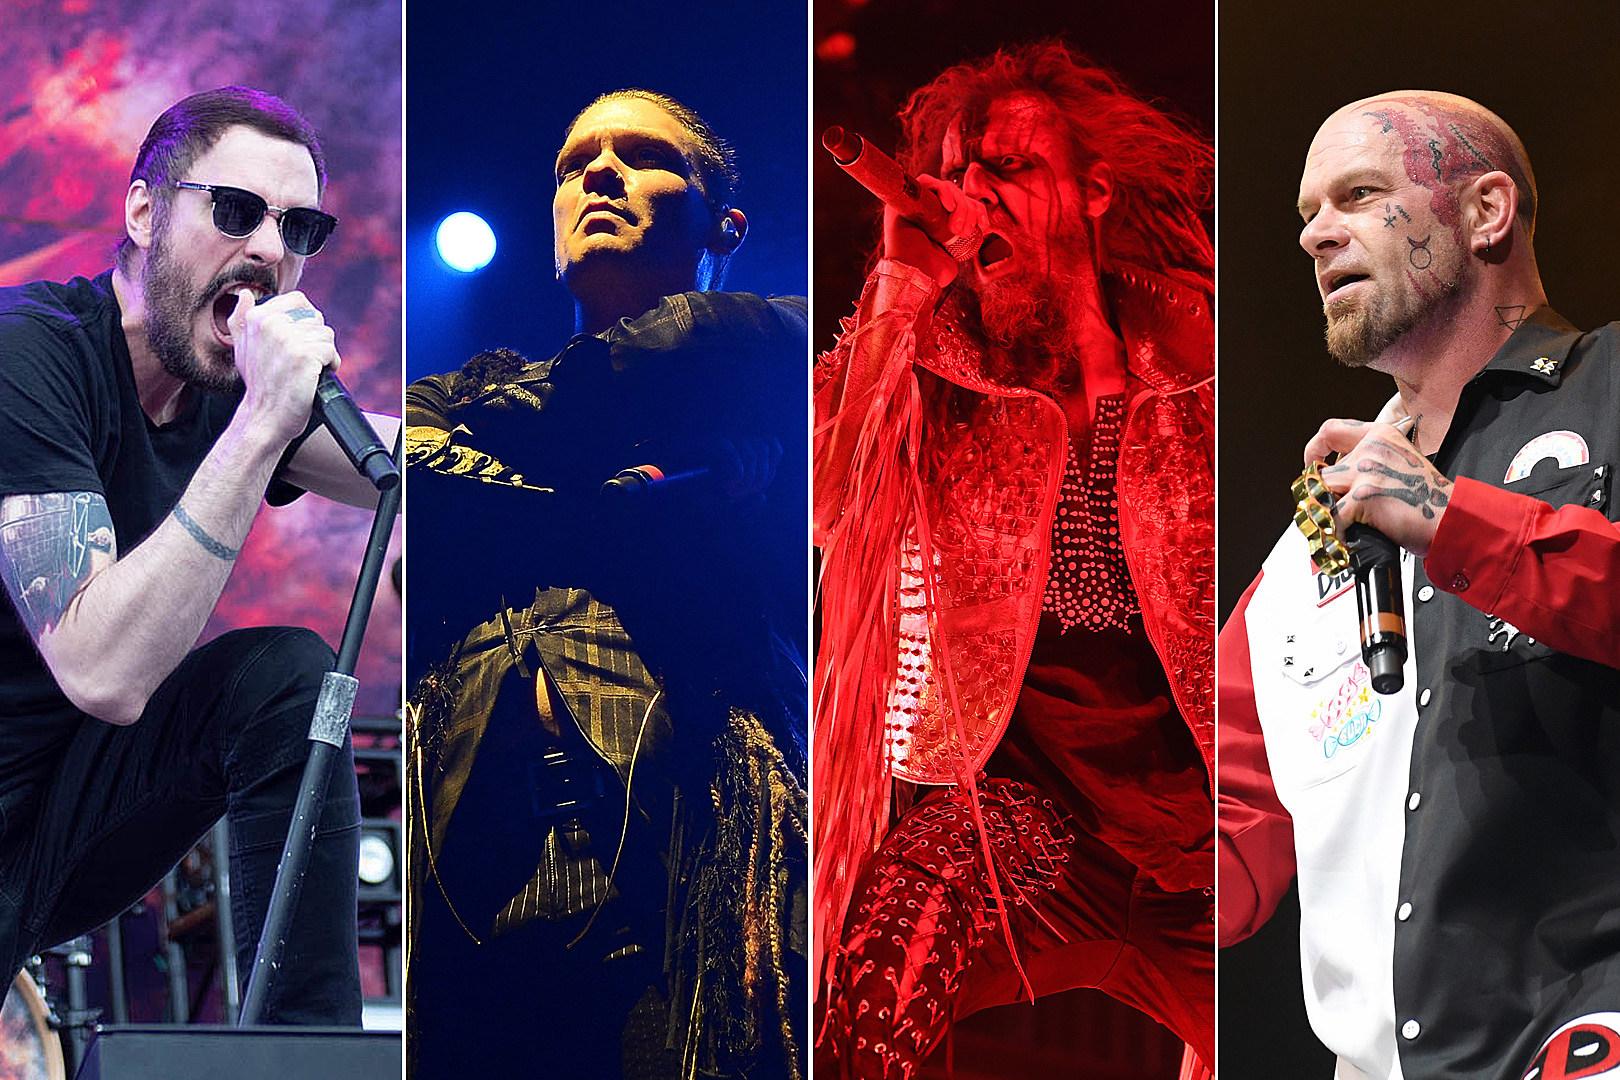 Blue Ridge Rock Festival 2021 Full Lineup Revealed